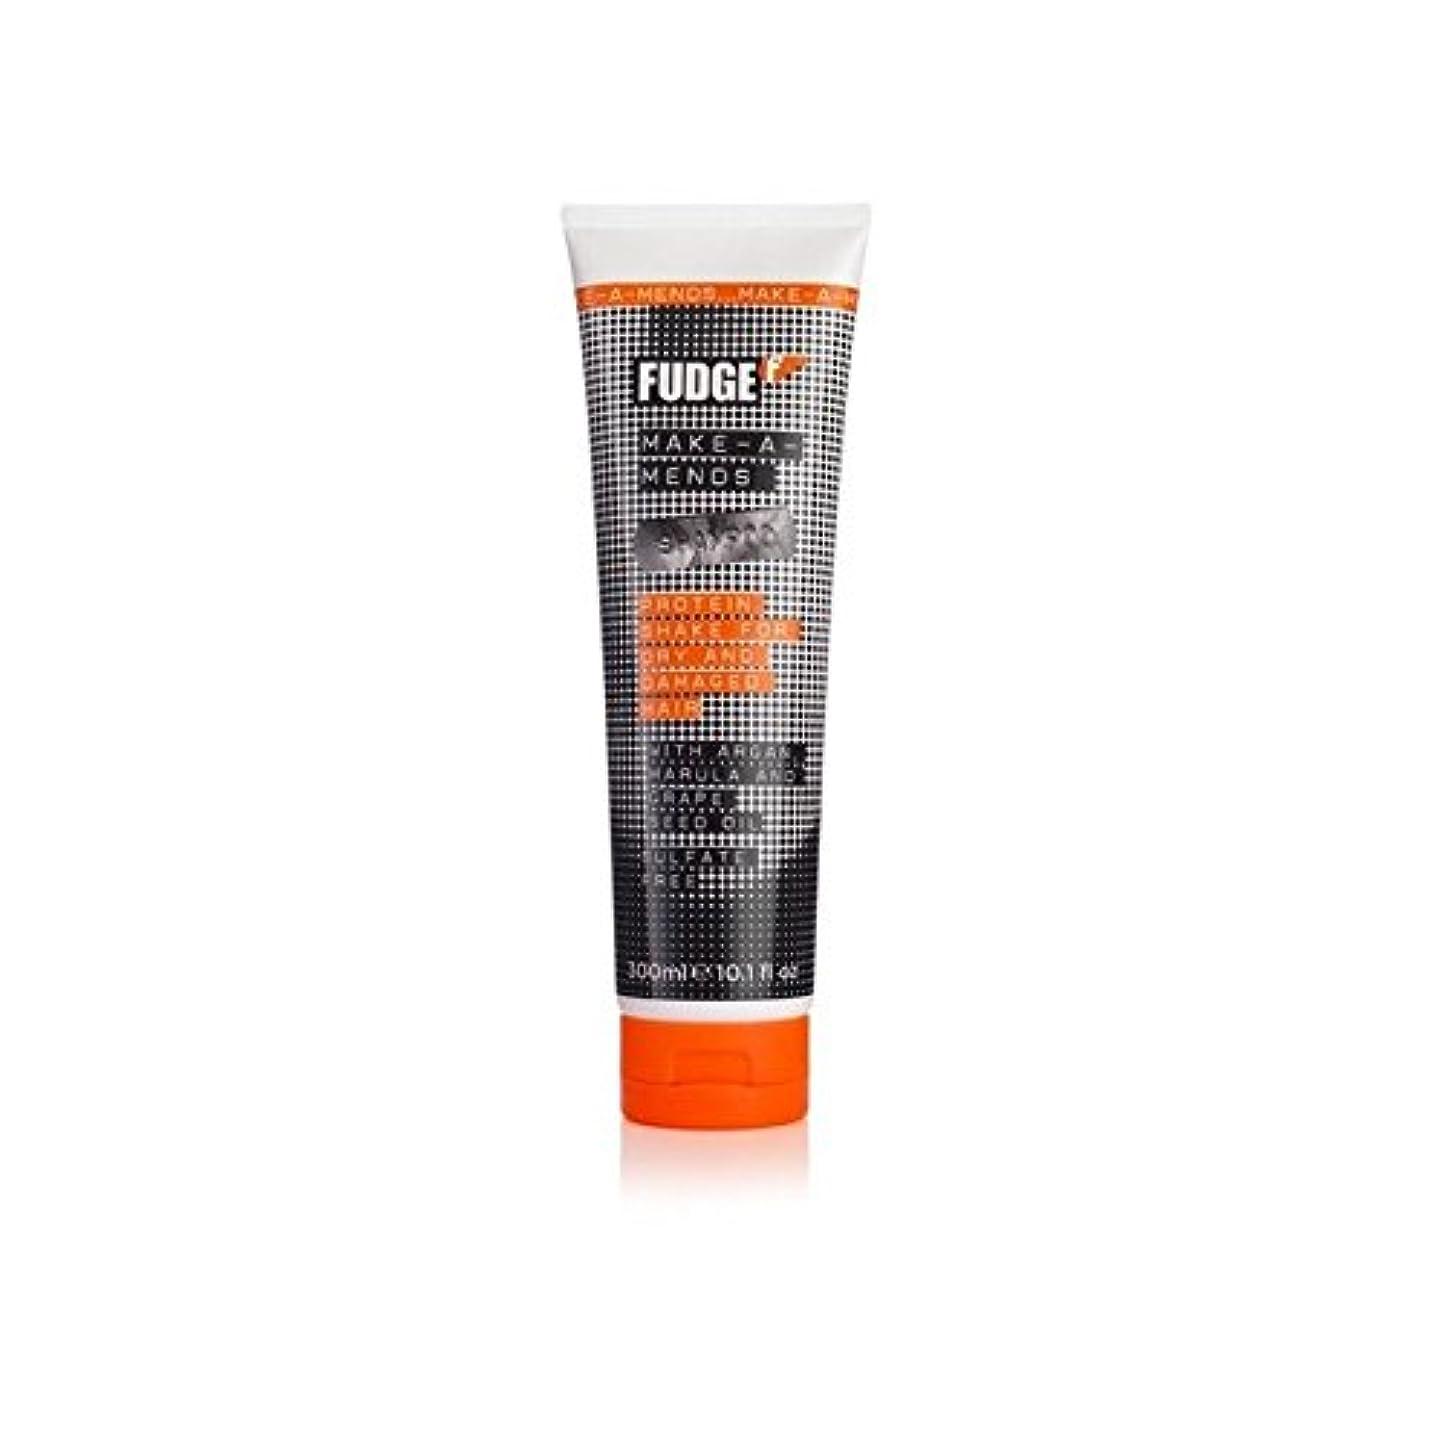 出版アルコールおばあさんFudge Make-A-Mends Shampoo (300ml) - ファッジメイク-シャンプー(300ミリリットル) [並行輸入品]